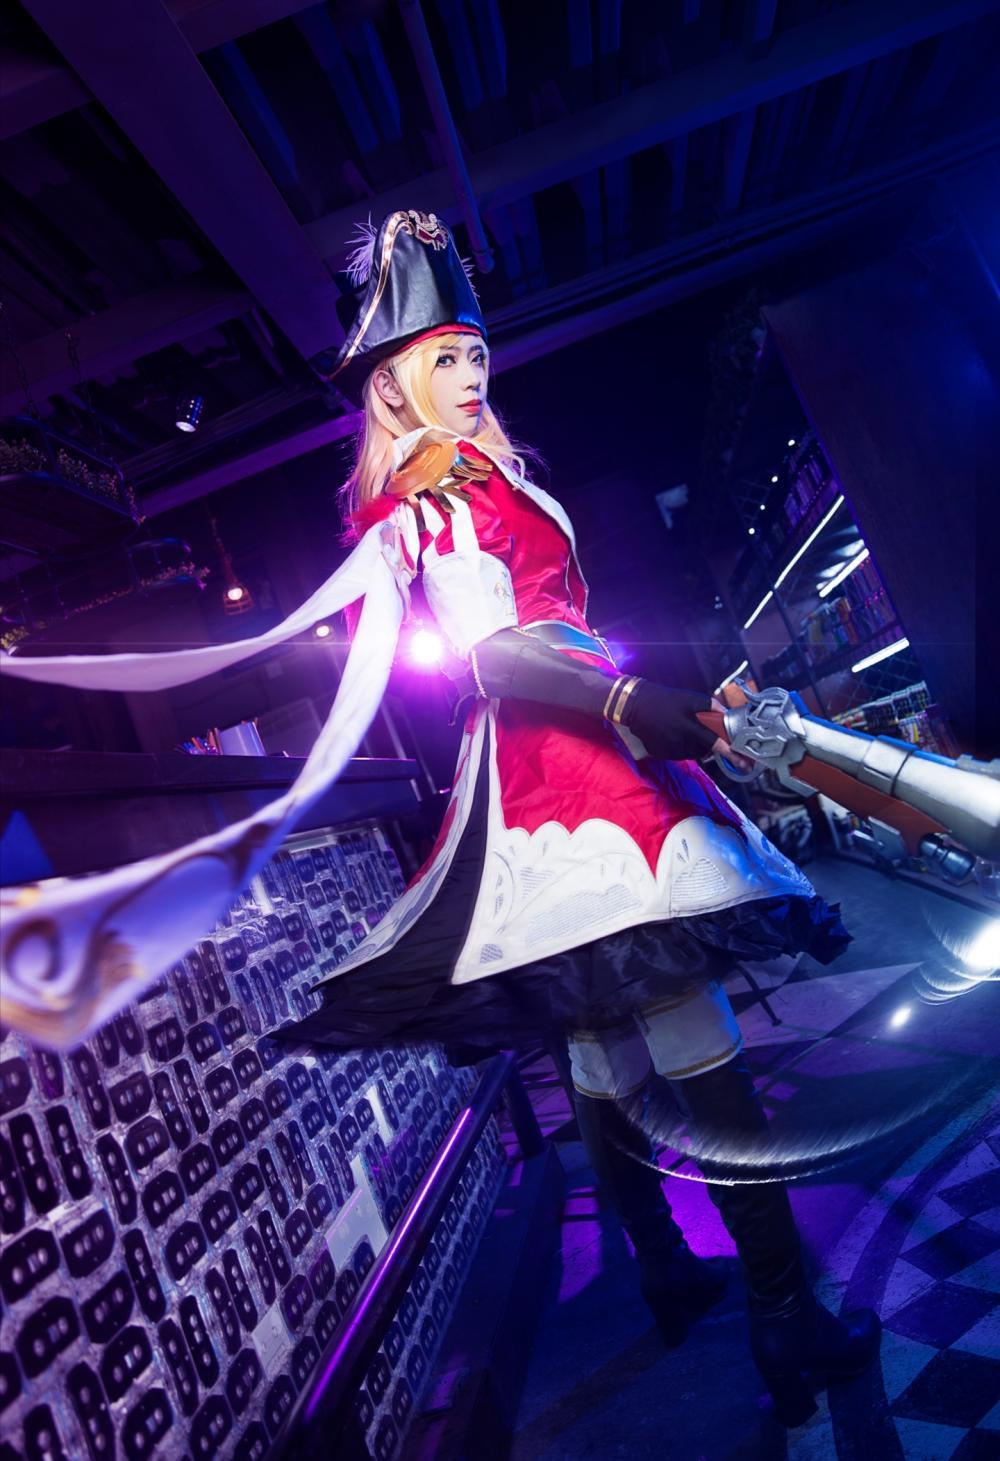 王者榮耀虞姬加勒比小姐cosplay 明媚如風! 輕盈似箭!圖片